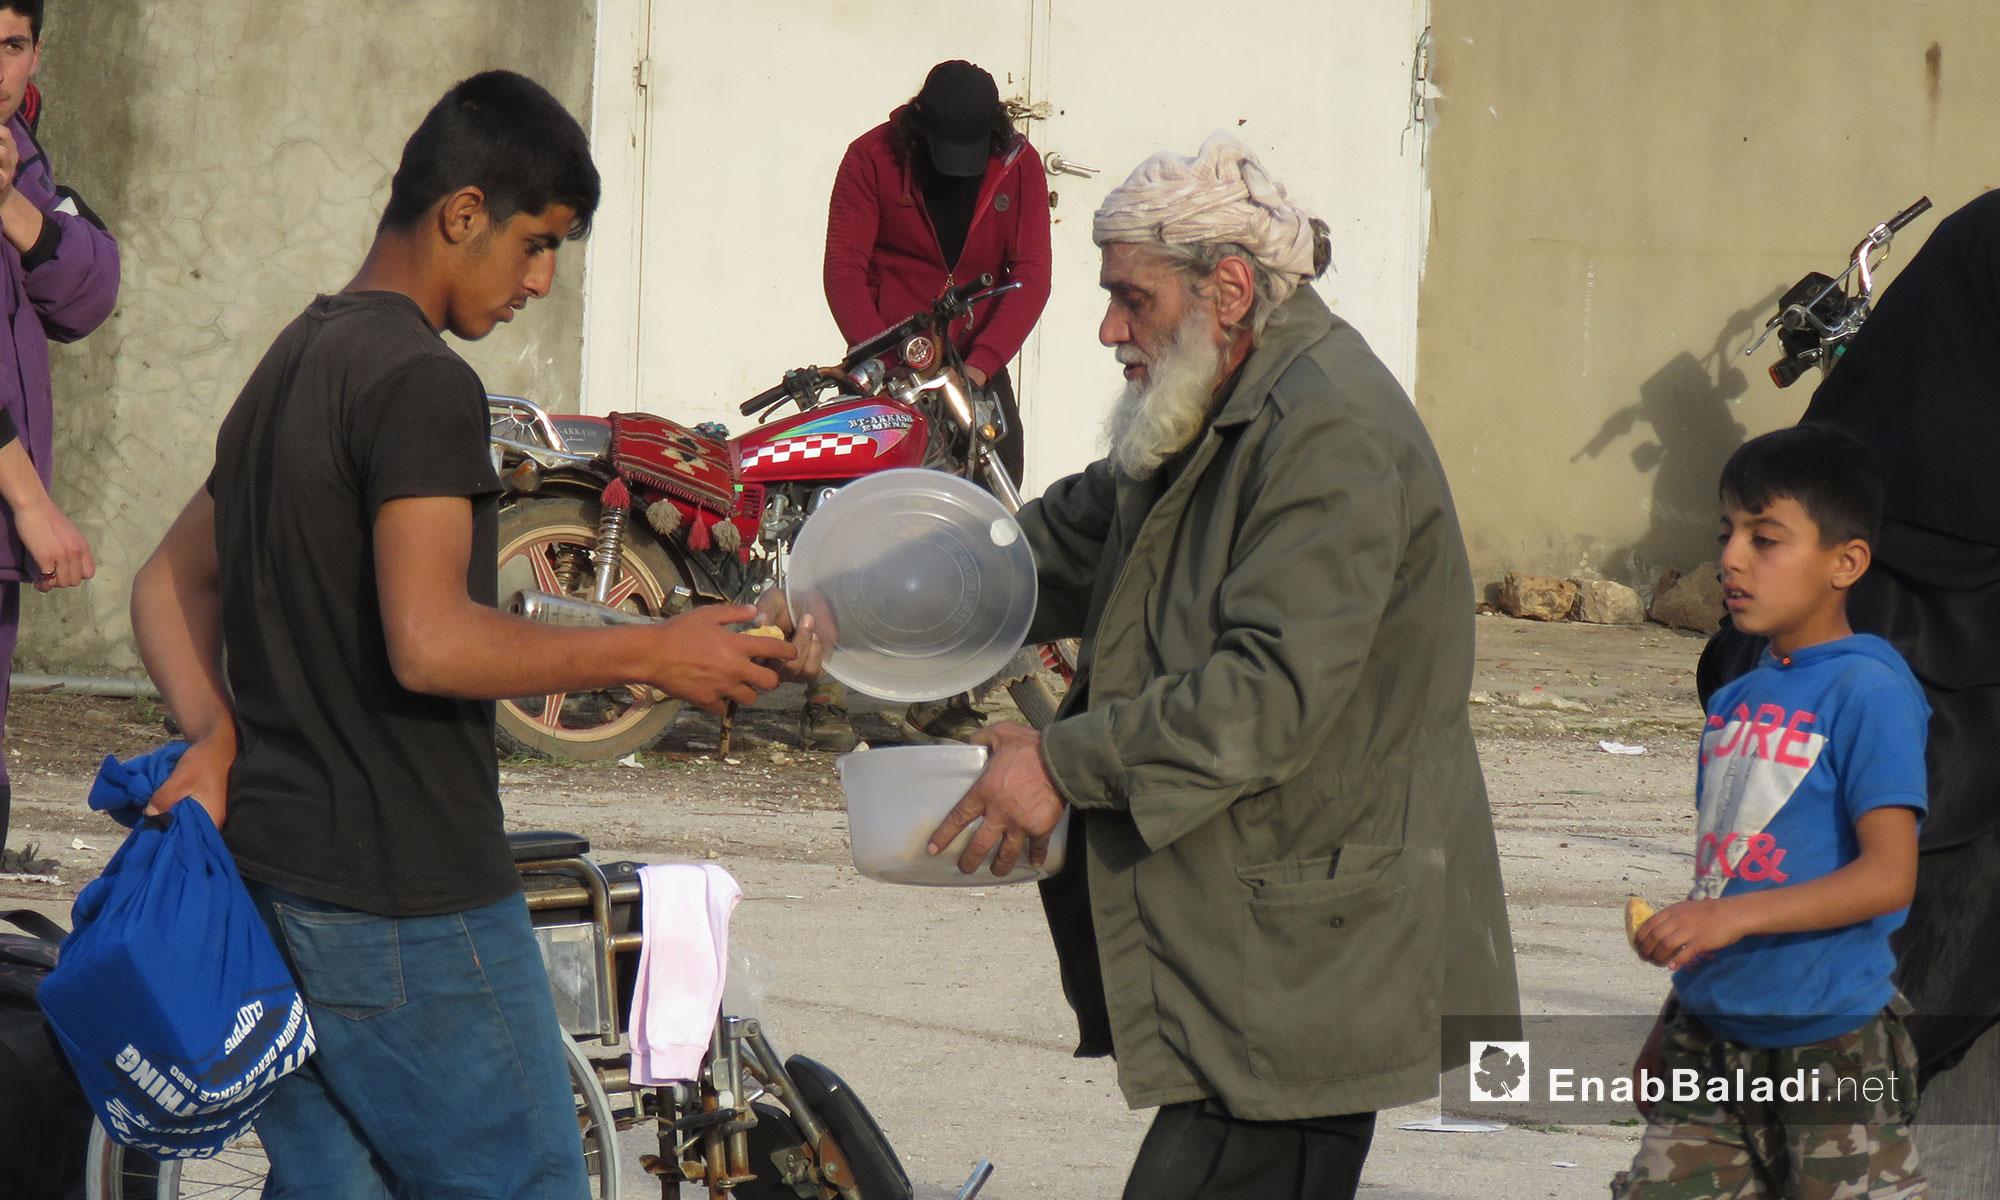 رجل عجوز من أهالي حي القدم أثناء وصولهم لقلعة المضيق بريف حماة - 13 آذار 2018 (عنب بلدي)